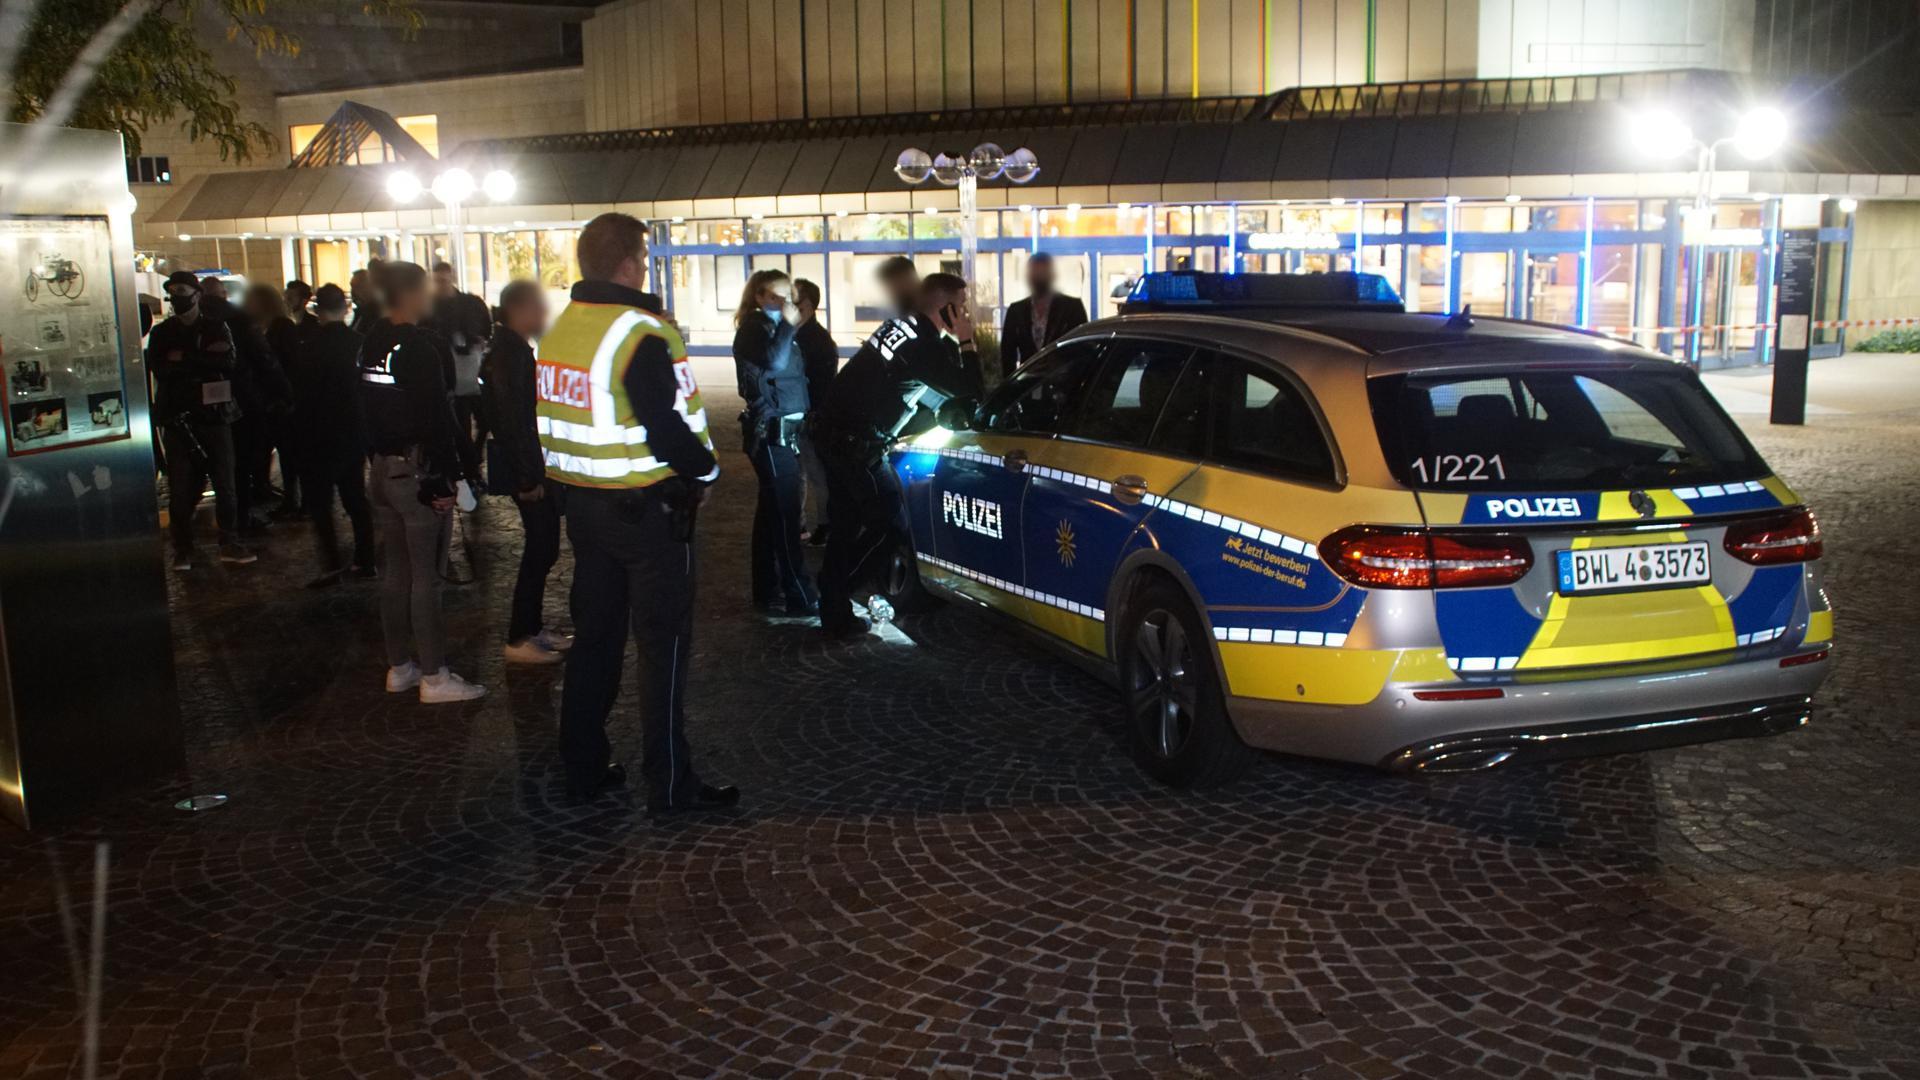 Polizei vor dem Pforzheimer Congresszentrum - Einsatz wegen einer Bombendrohung